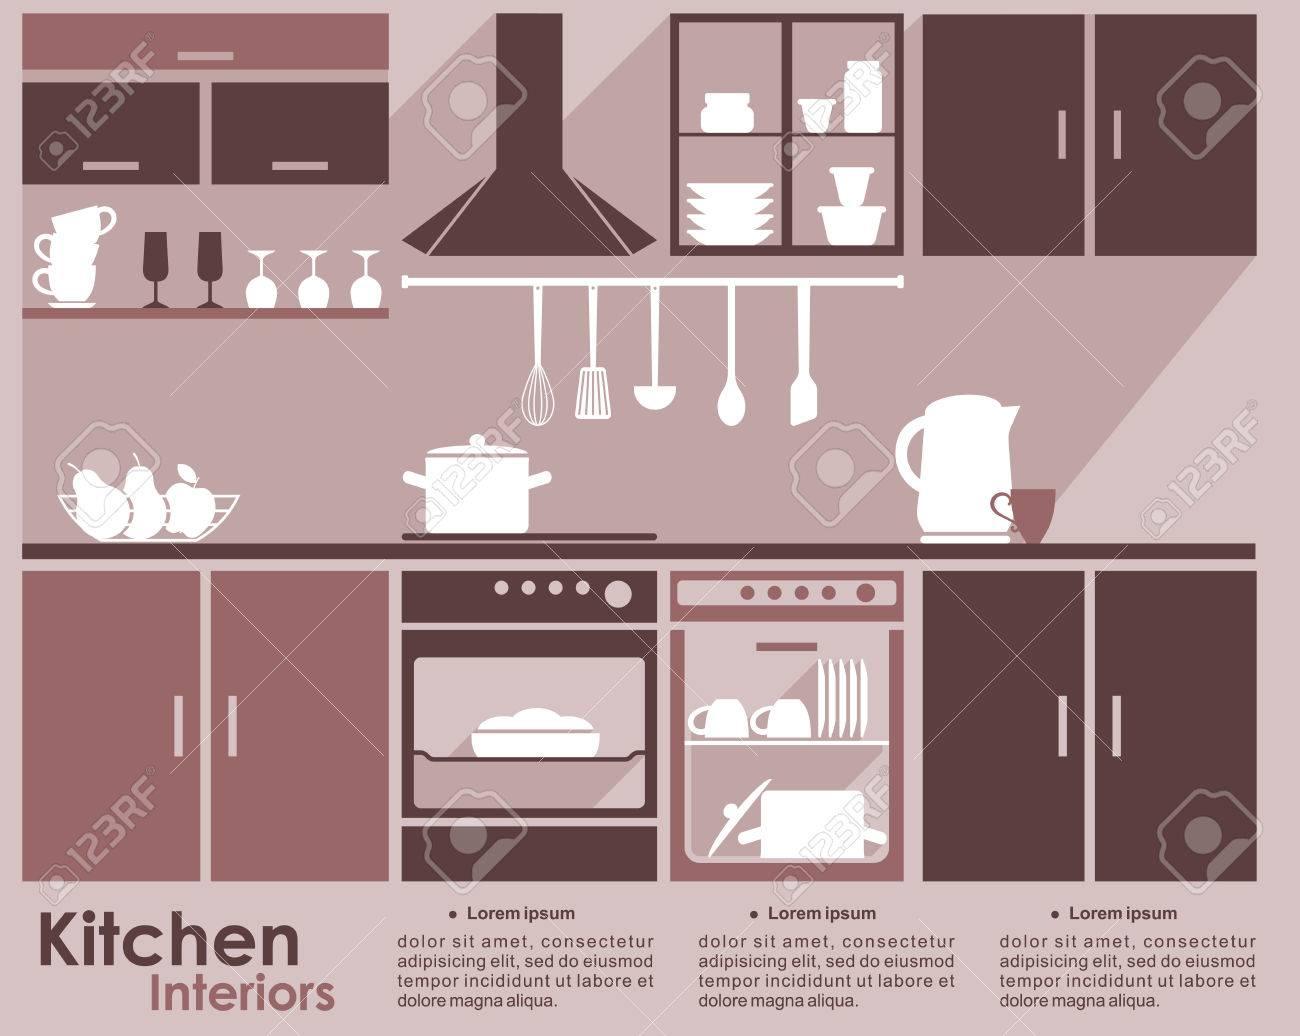 Diseño Interior De La Cocina Plantilla Infografía En Tonos De Marrón ...